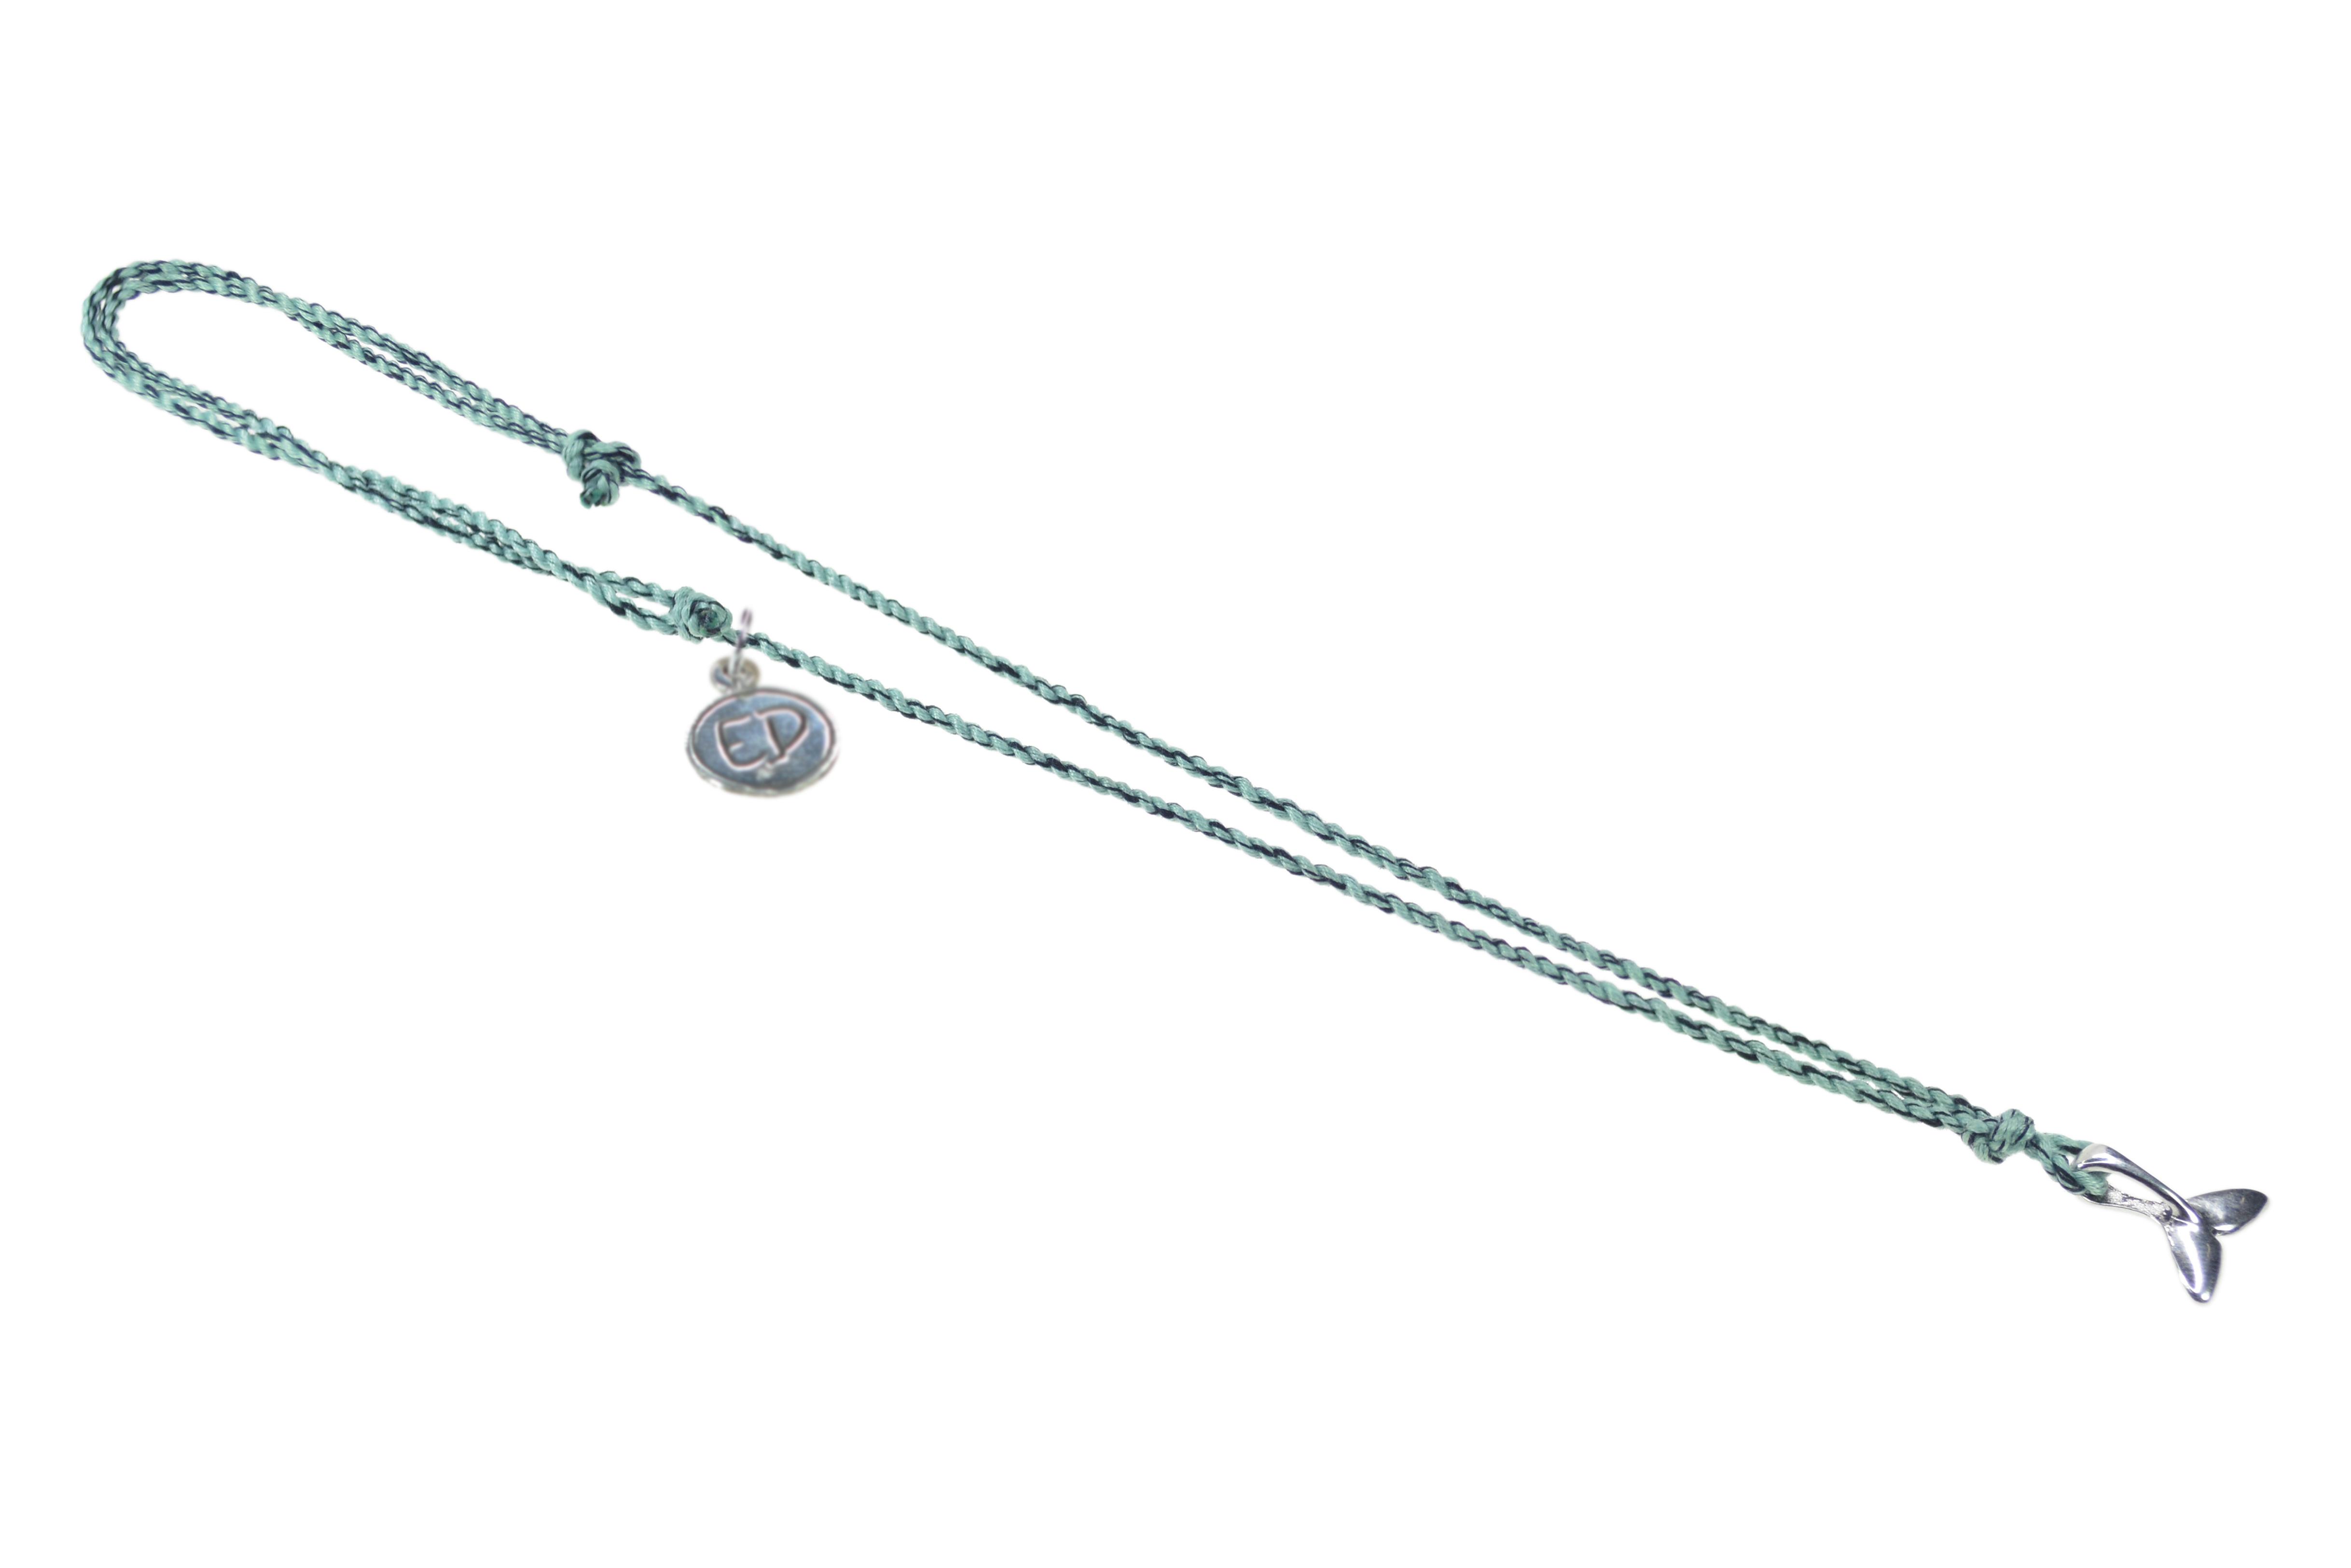 Pánsky prírodný náhrdelník s príveskom veľryba - zelený